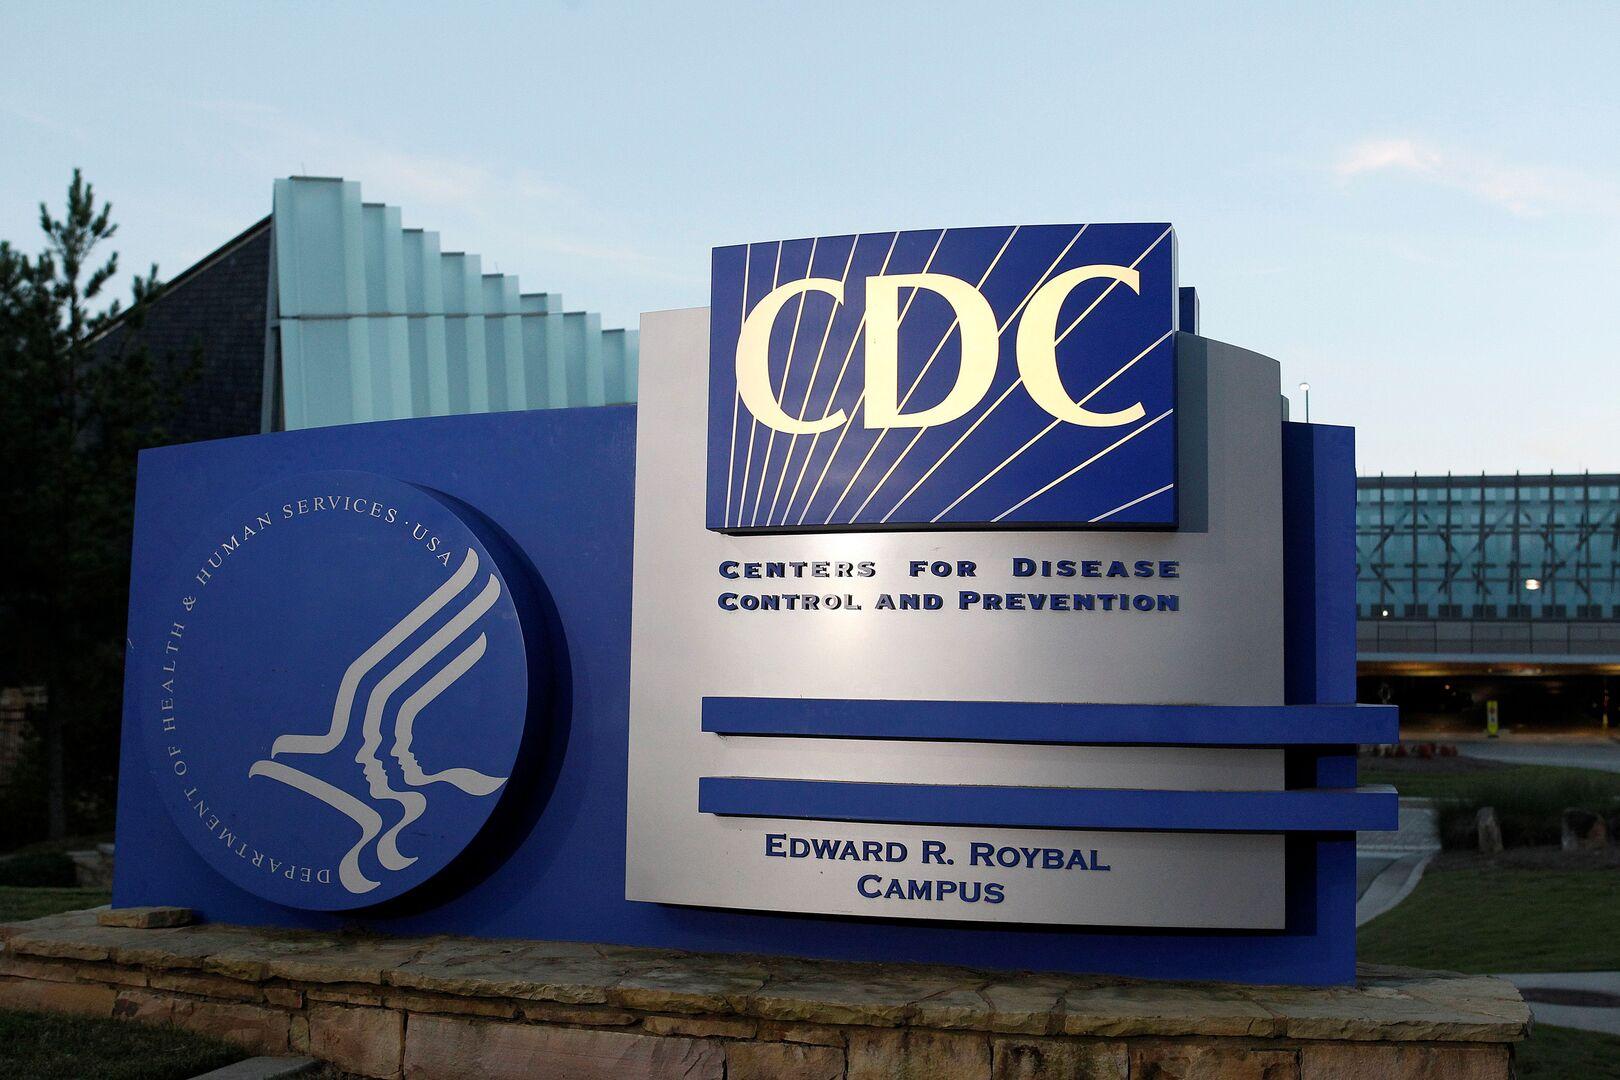 الولايات المتحدة تسجل 3414 وفاة و171844 إصابة جديدة بفيروس كورونا